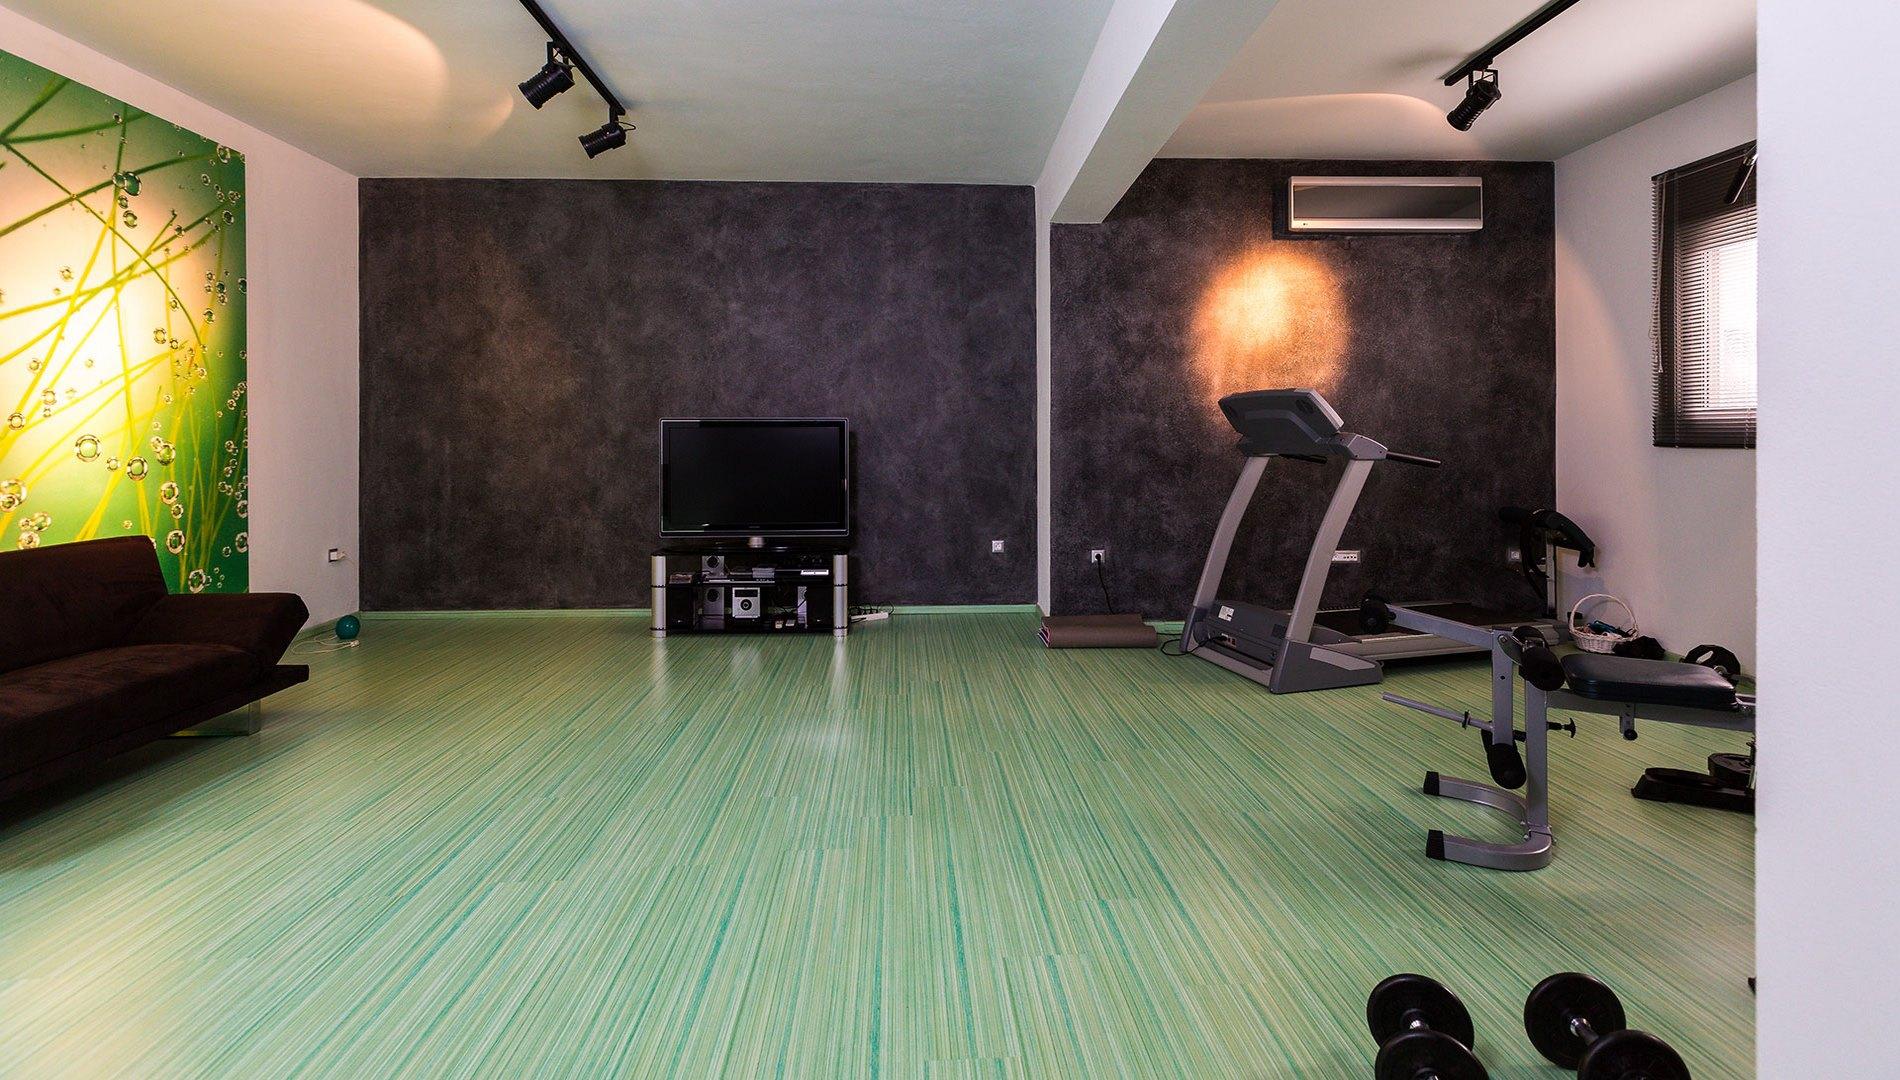 Gym-play room 3 (Копировать)